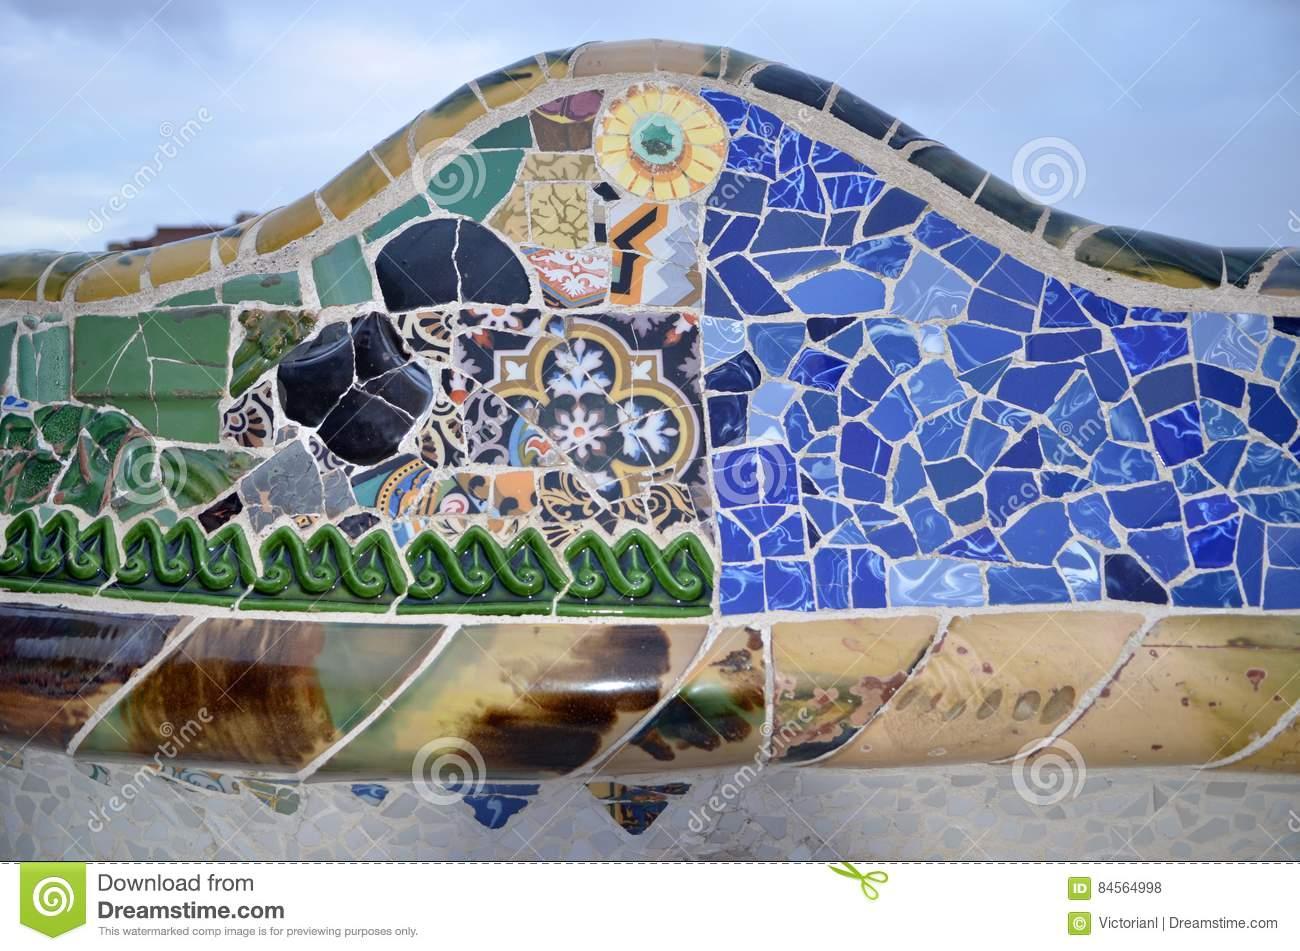 库存照片 停放gã 侧房, 塞罗那,卡塔龙尼亚,西班牙 image